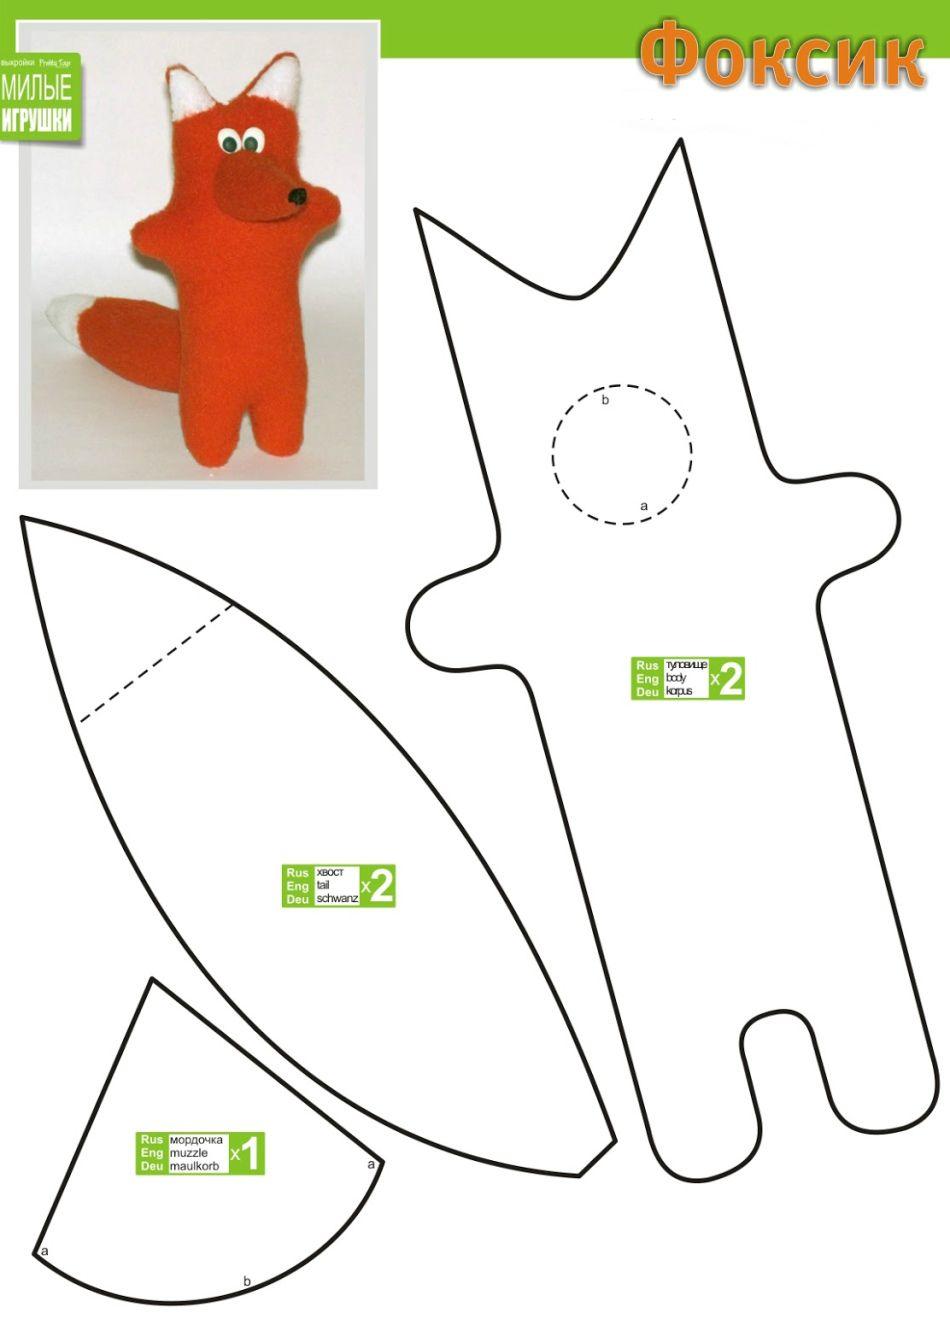 картинки как сшить мягкую игрушку при